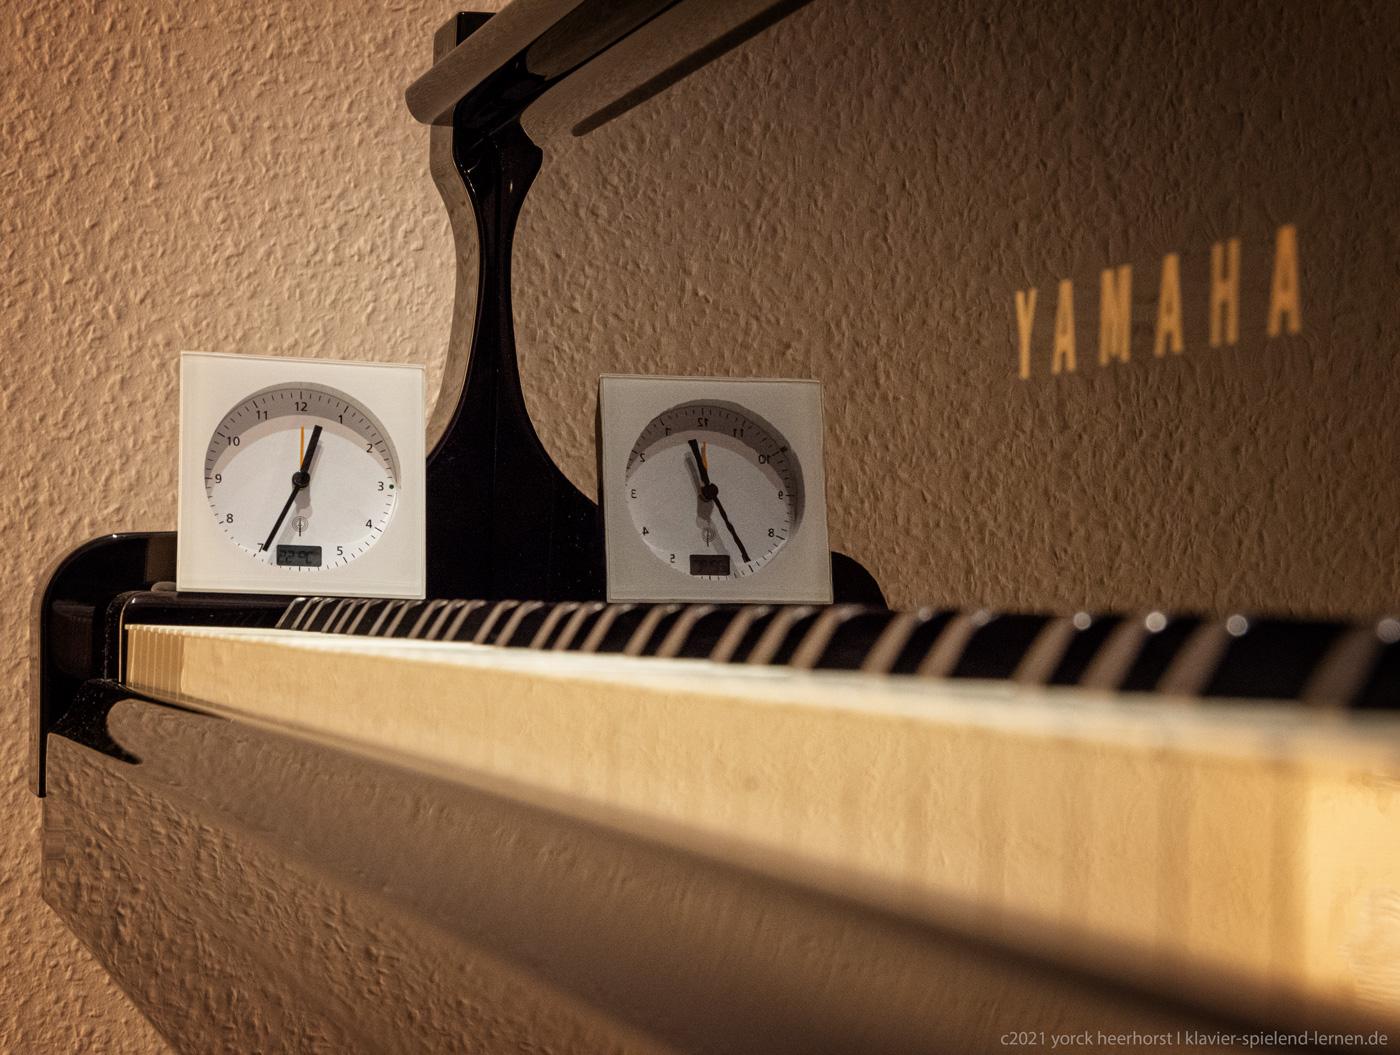 Zeitstunde